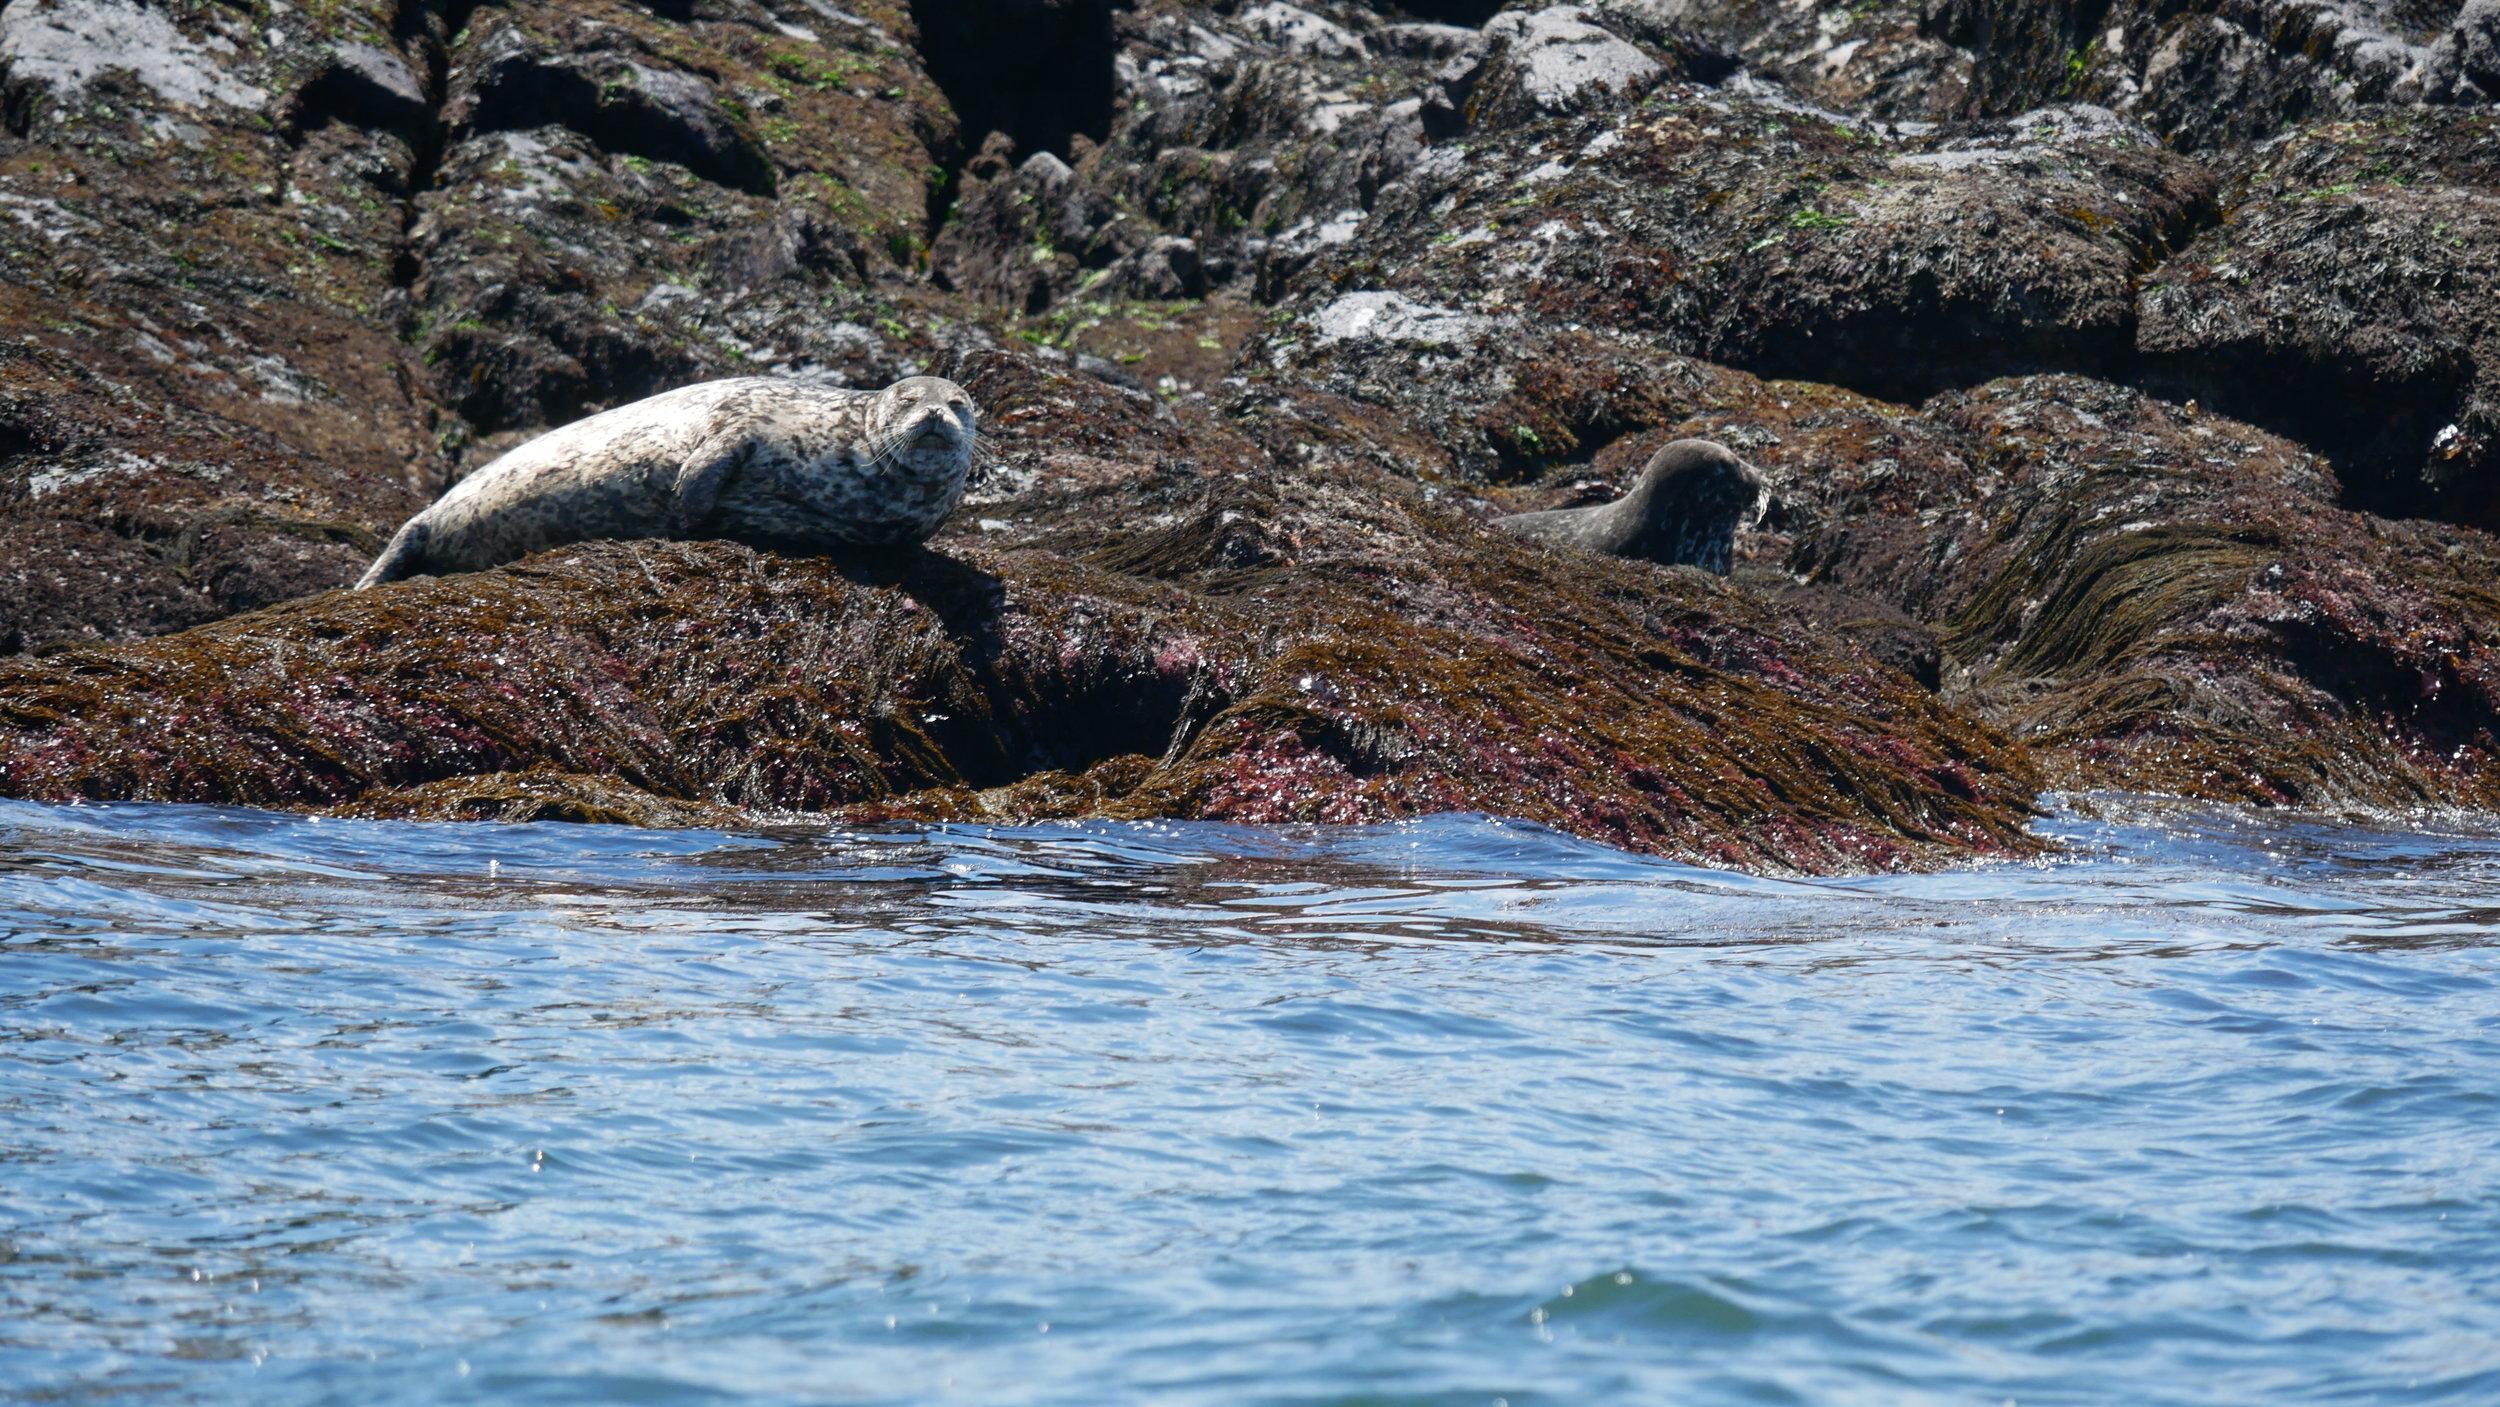 Harbour seals! Photo by Cheyenne Brewster.